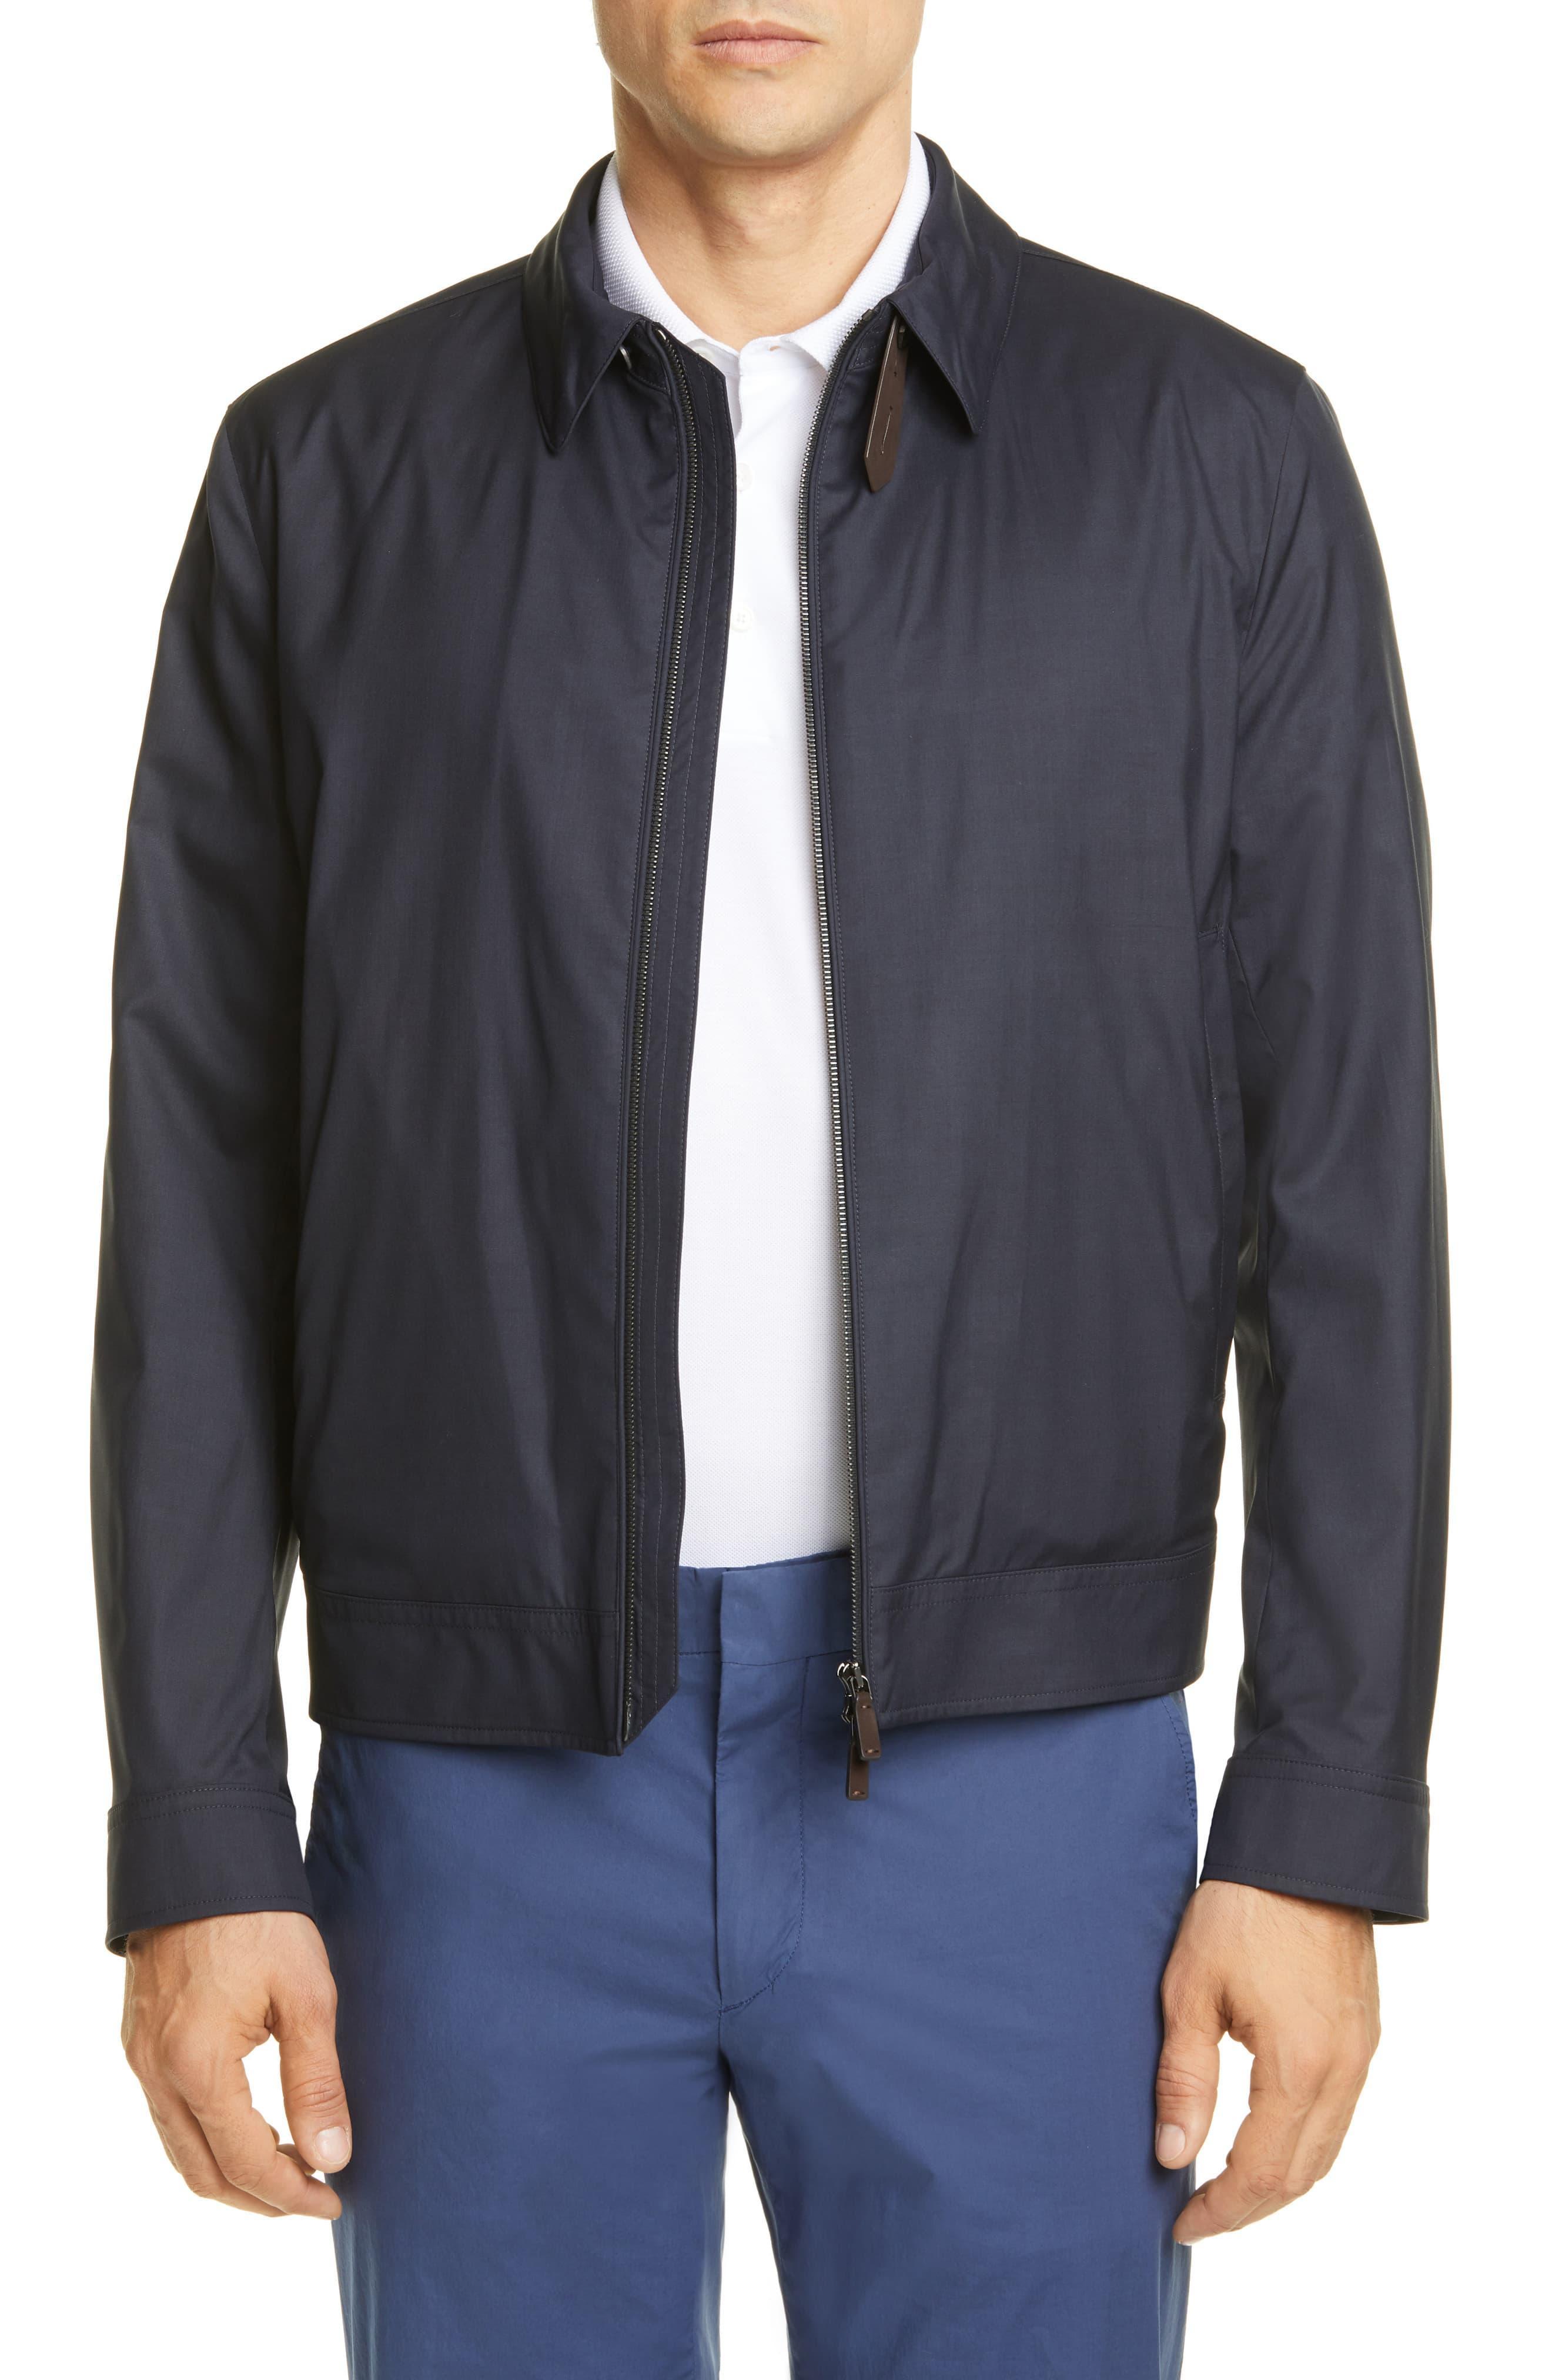 bb864c96 Ermenegildo Zegna Leggerissimo Wool & Silk Bomber Jacket in Blue for ...